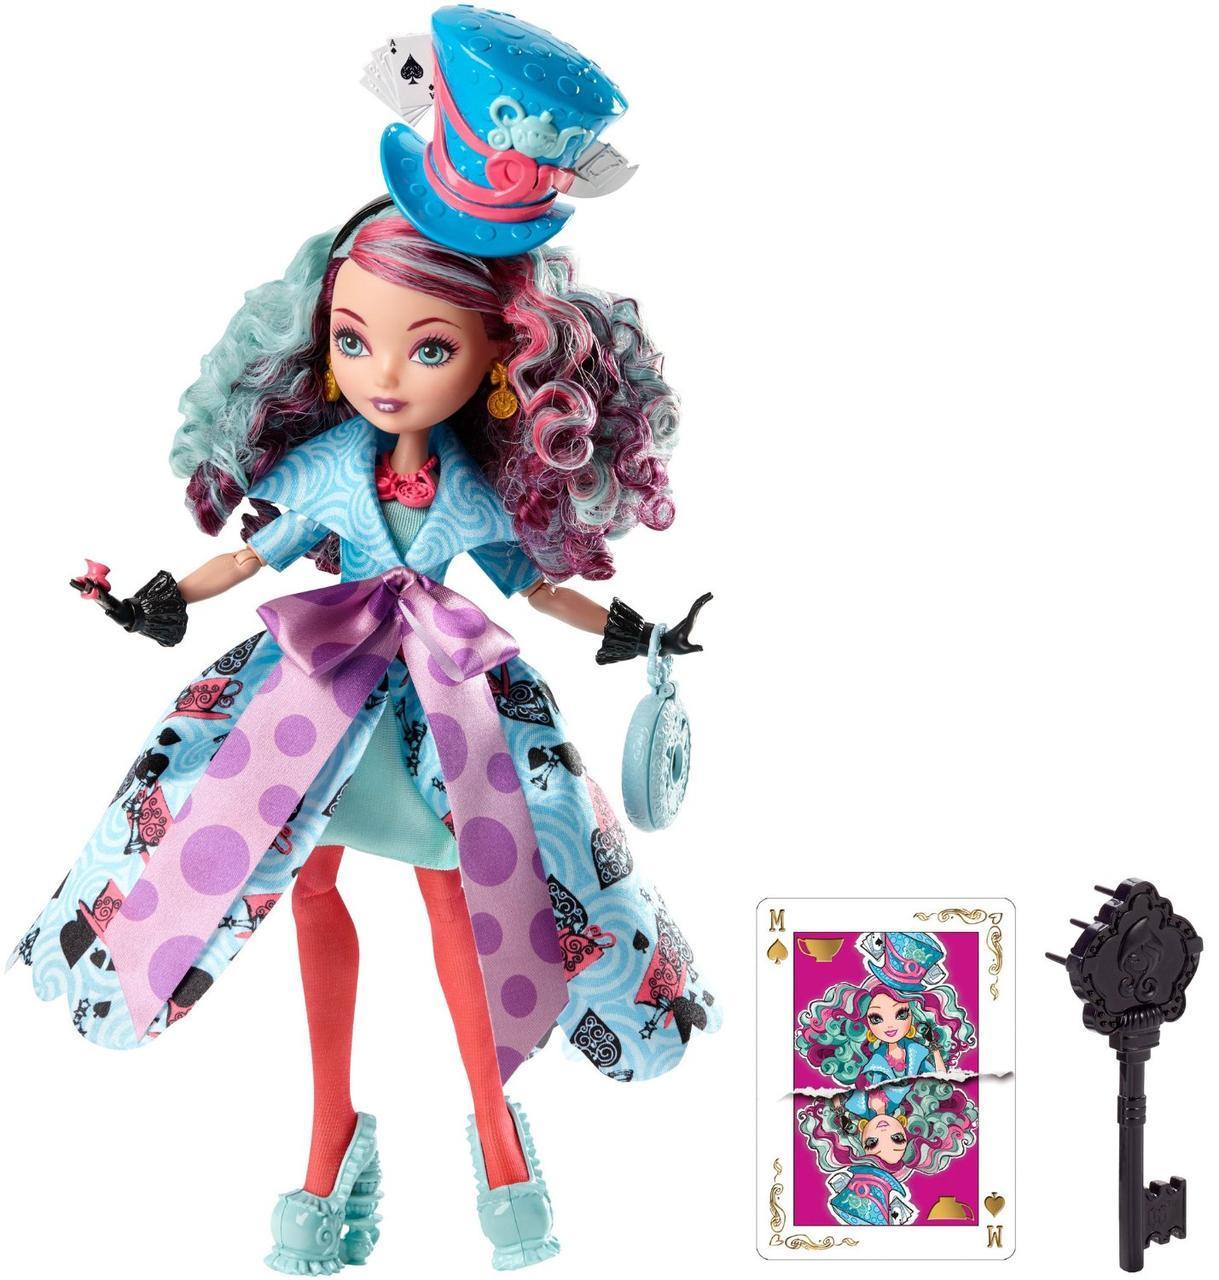 Кукла Ever After High Madeline Hatter Way Too Wonderland Меделин Хеттер